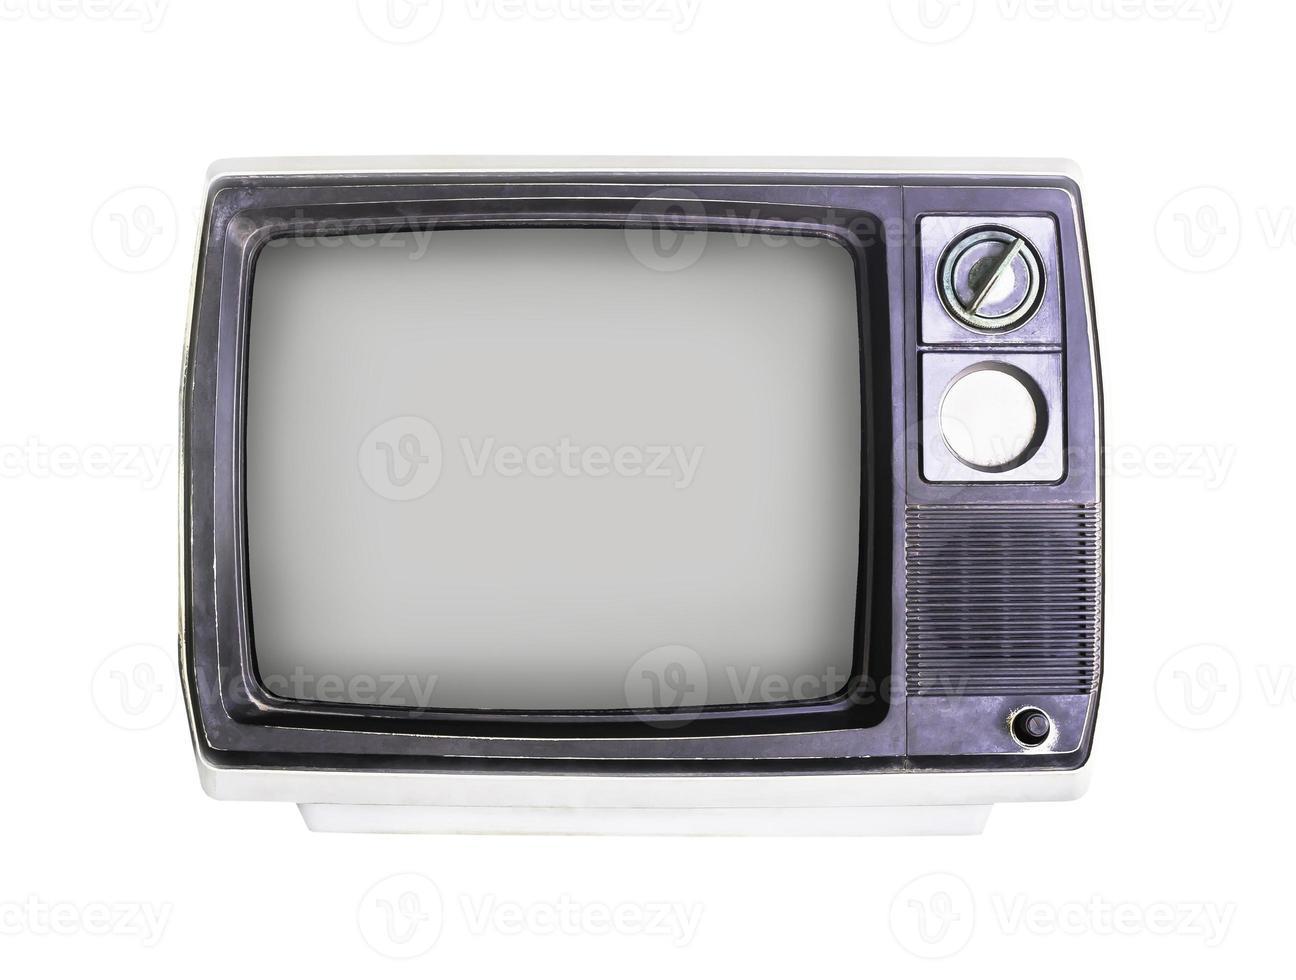 vieille télévision sur blanc photo